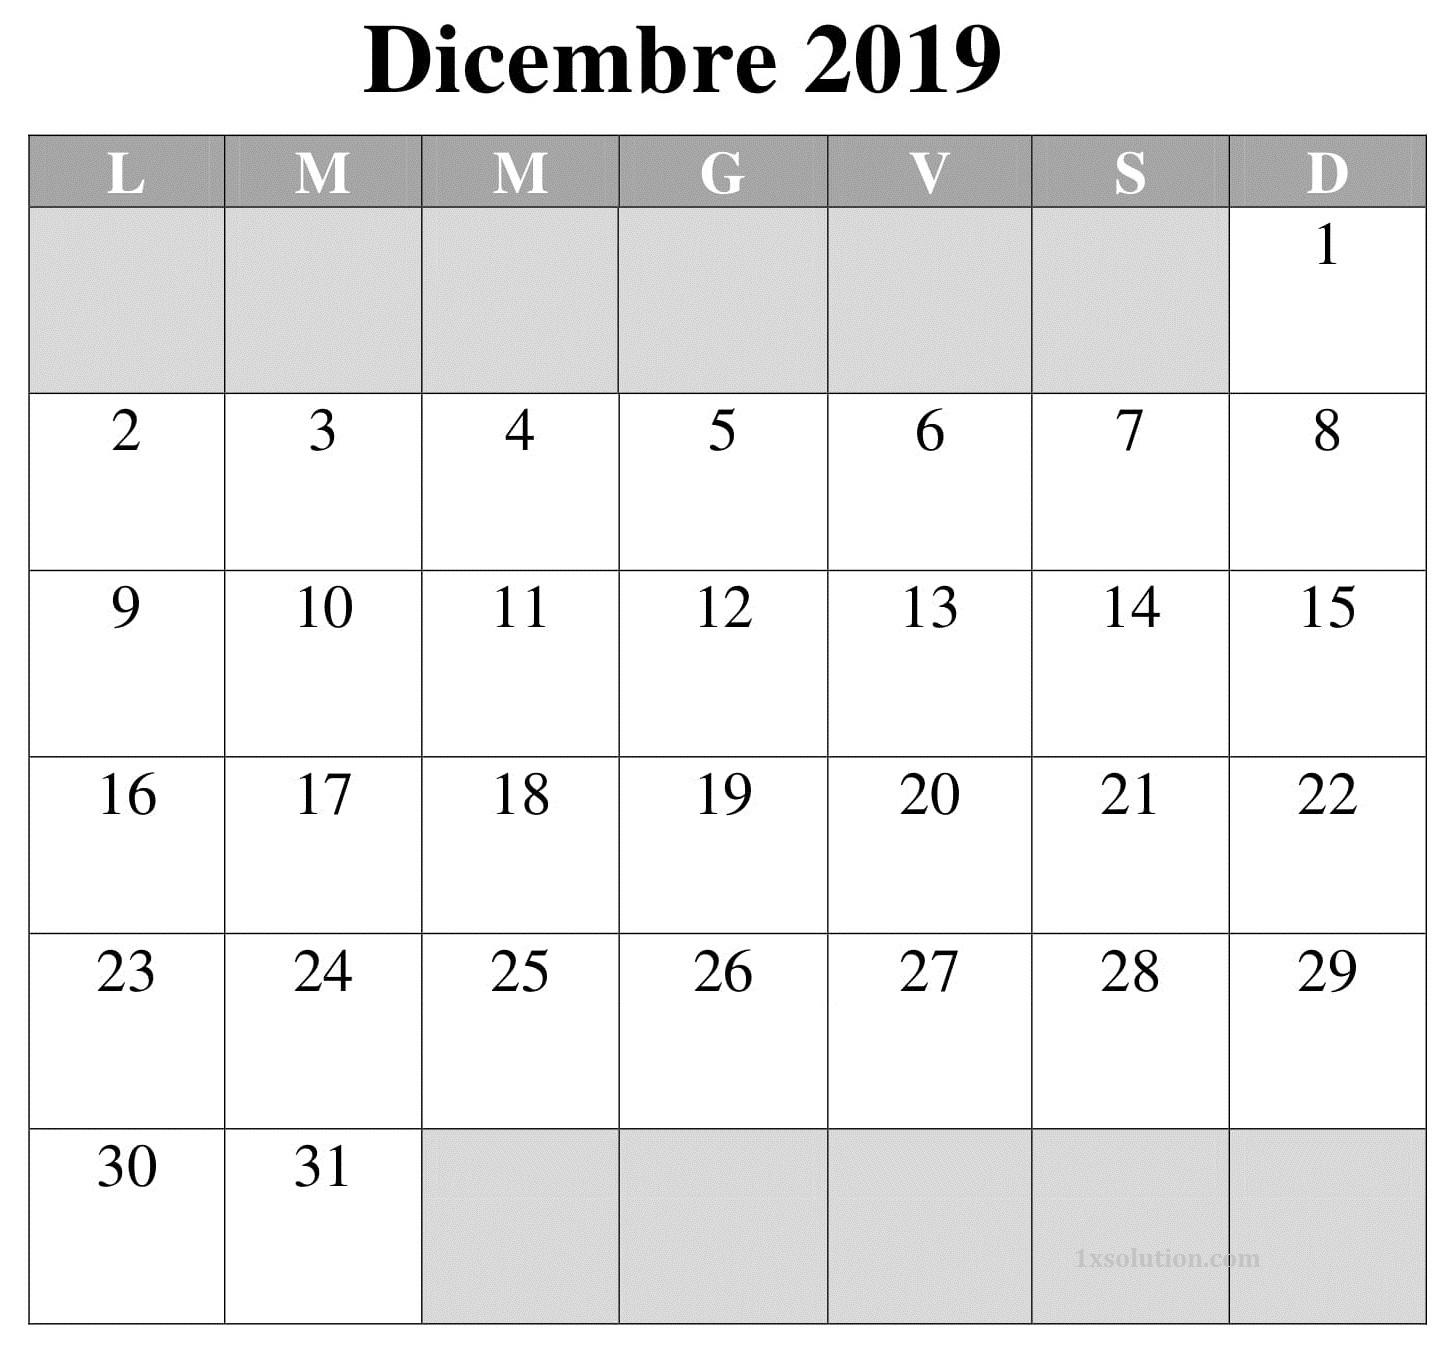 Calendario Titolo Dicembre 2019